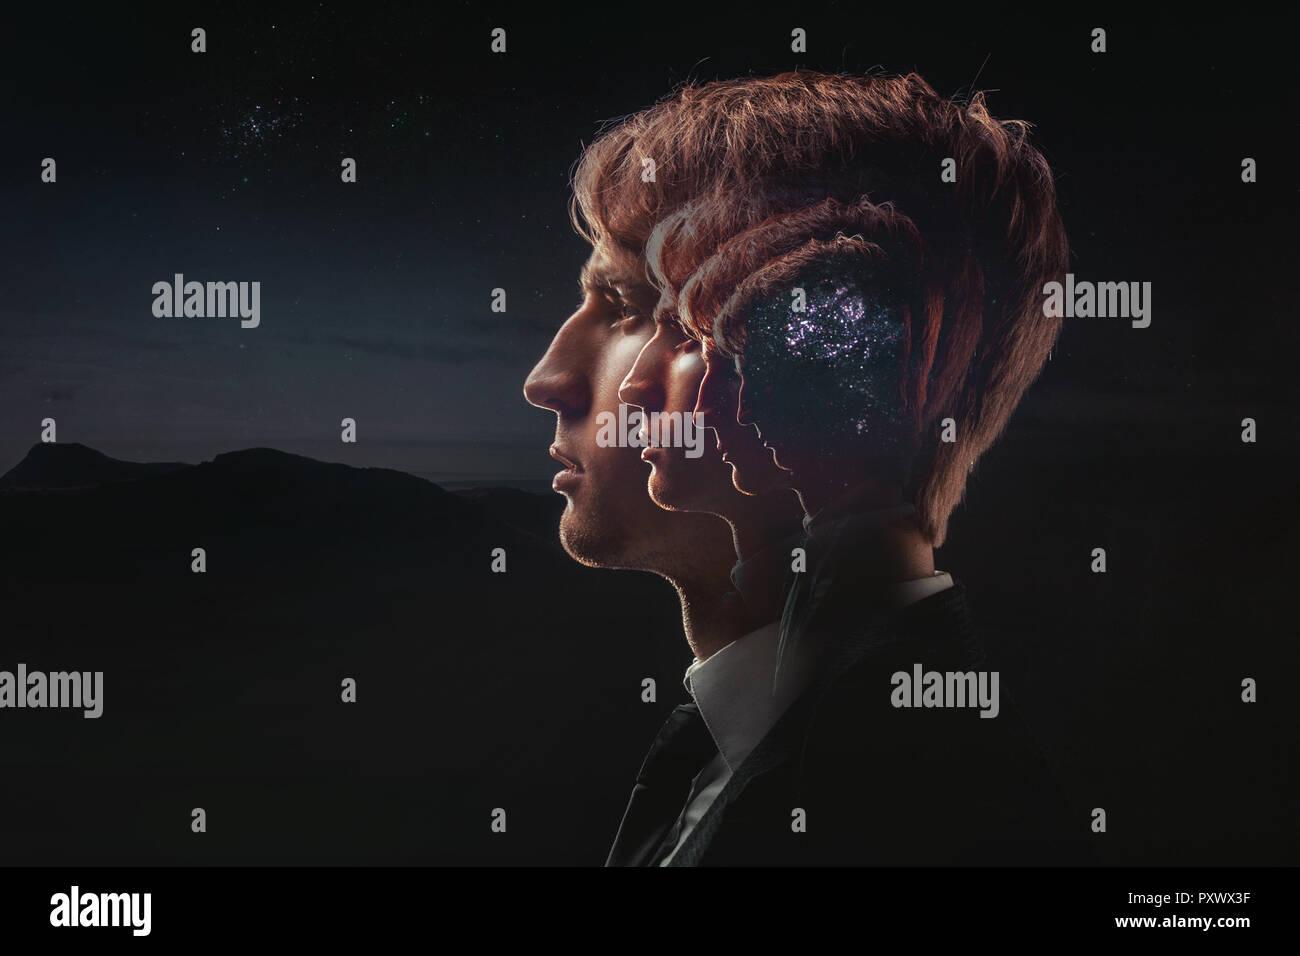 Perfil de un hombre joven con la actividad mental, cerebro y conciencia, con el cosmos como un cerebro. El concepto científico. El cerebro y la creatividad Foto de stock